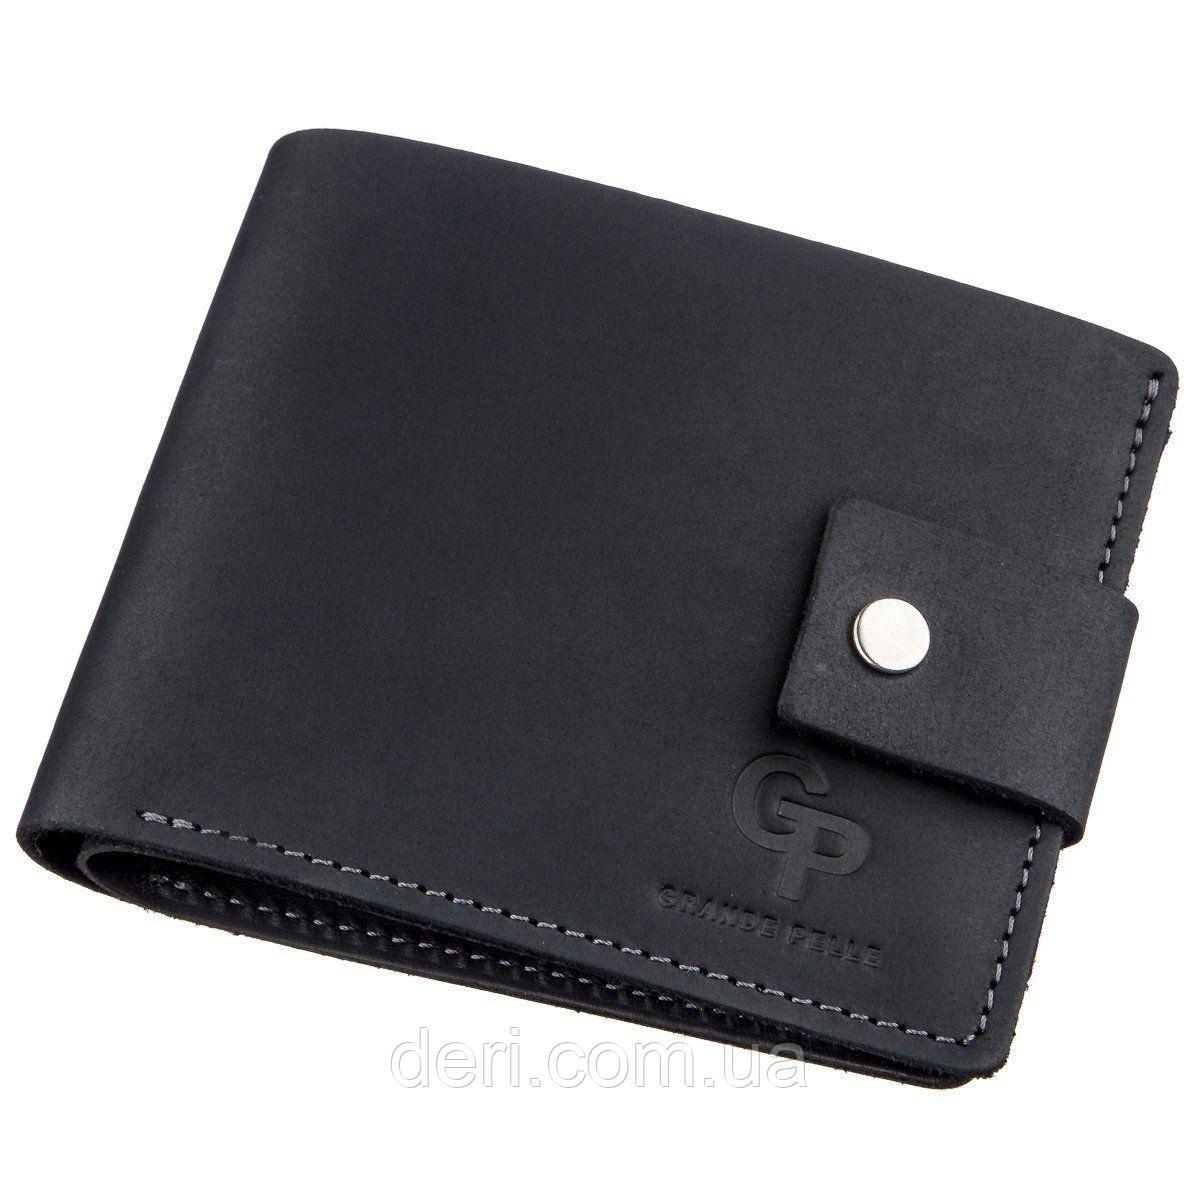 Компактное мужское портмоне в винтажном стиле с монетницей внутри